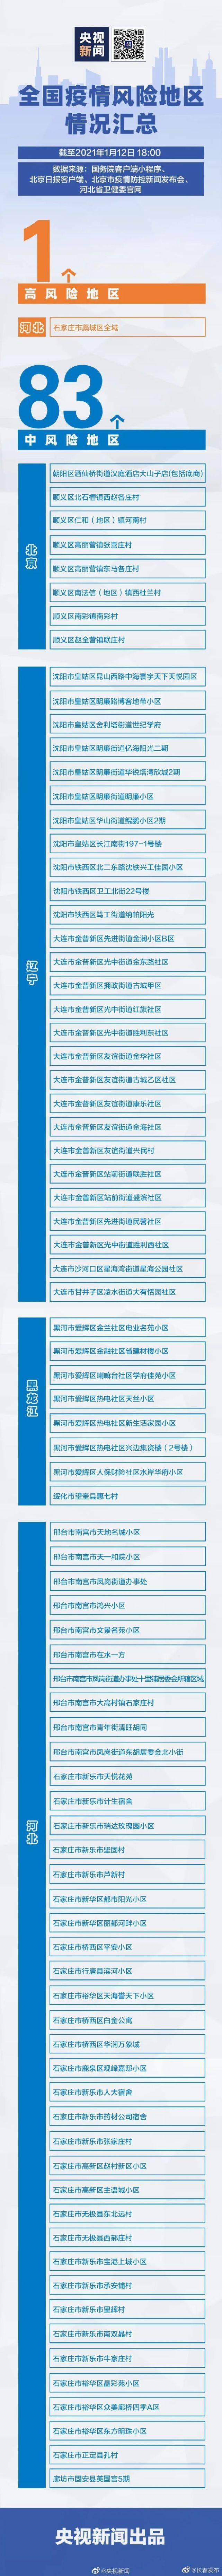 暂停线下办学活动!吉林省两地发布重要通告  第6张